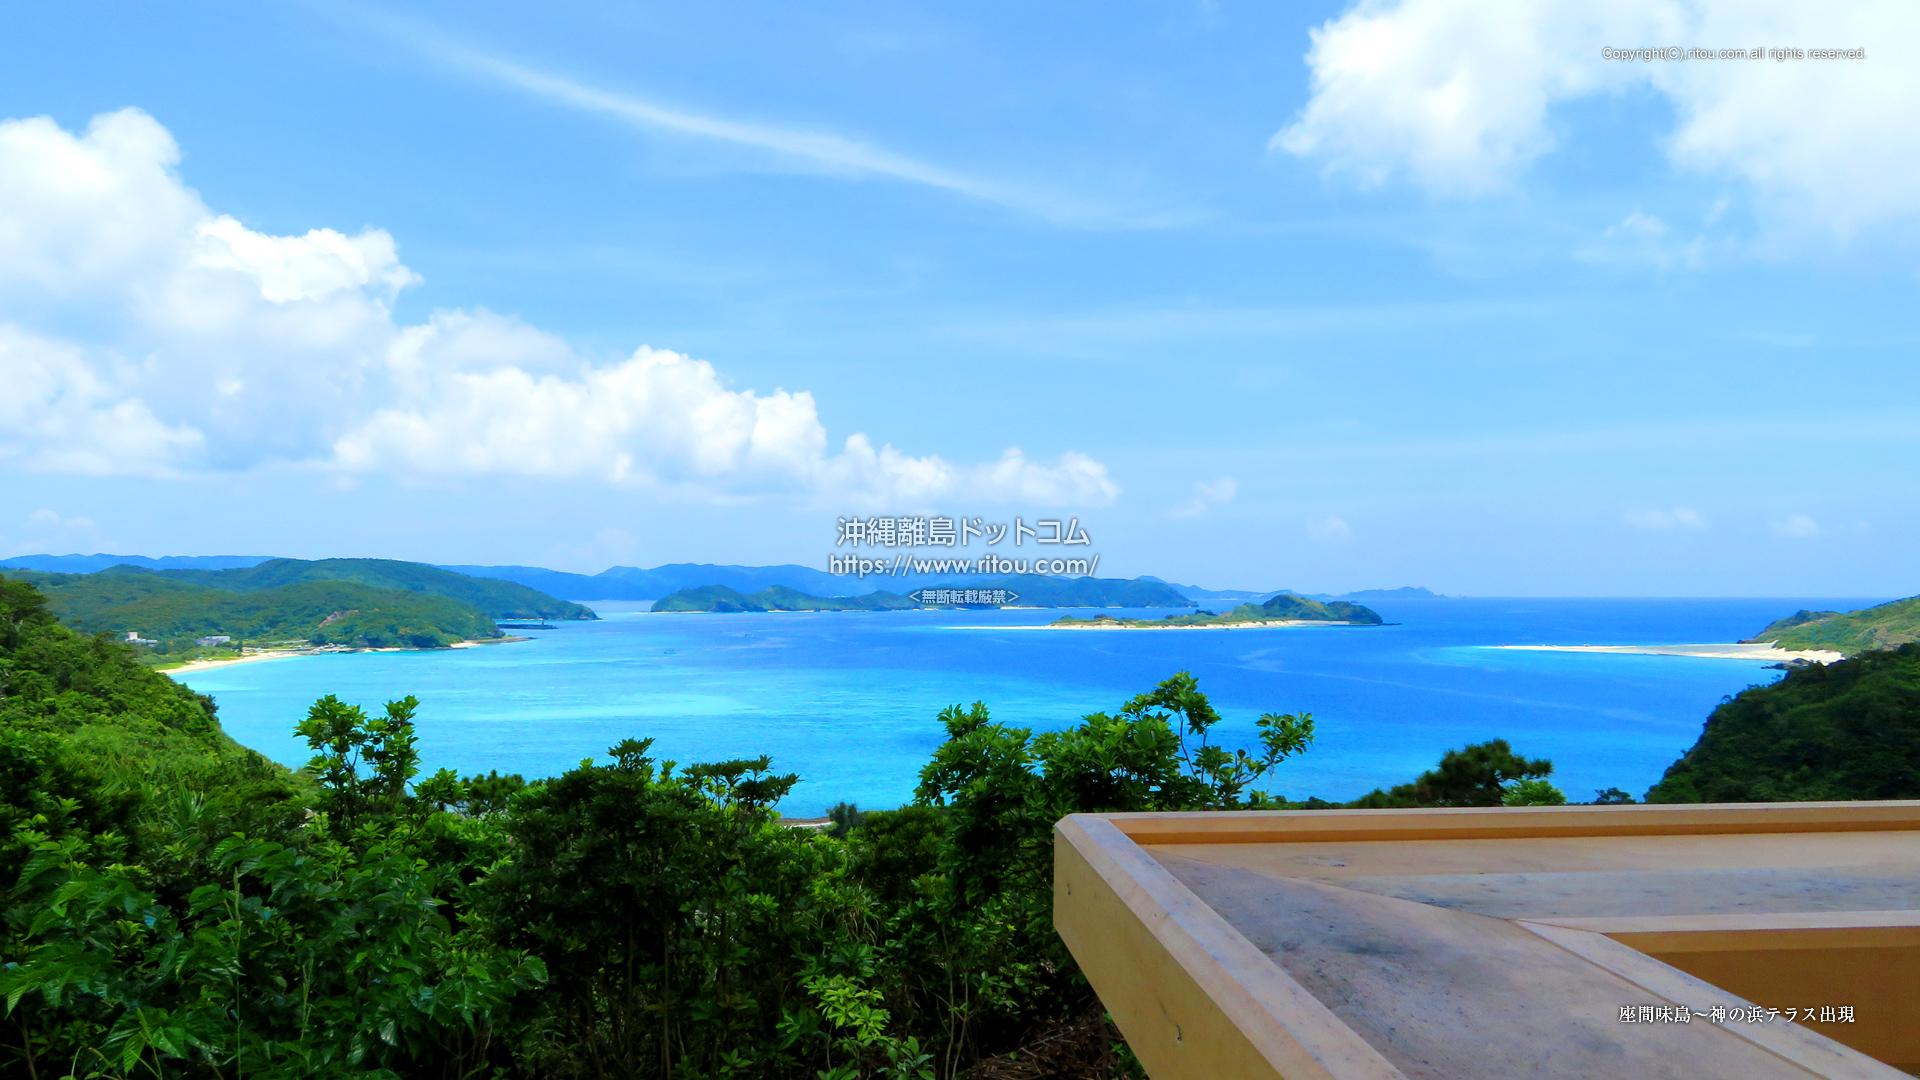 座間味島〜神の浜テラス出現